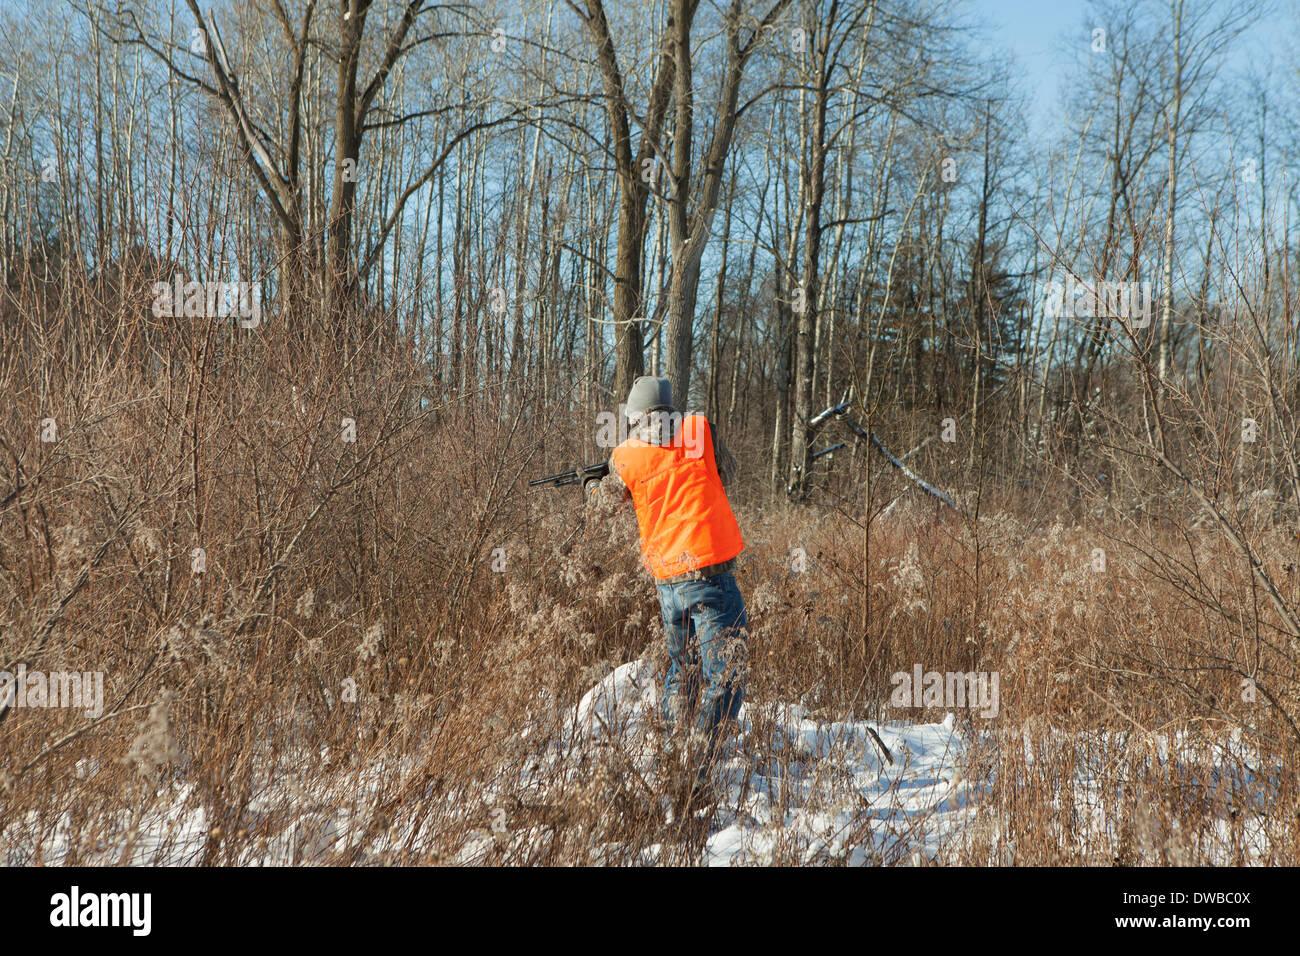 Teenage boy shooting wildlife in Petersburg State Game Area, Michigan, USA - Stock Image